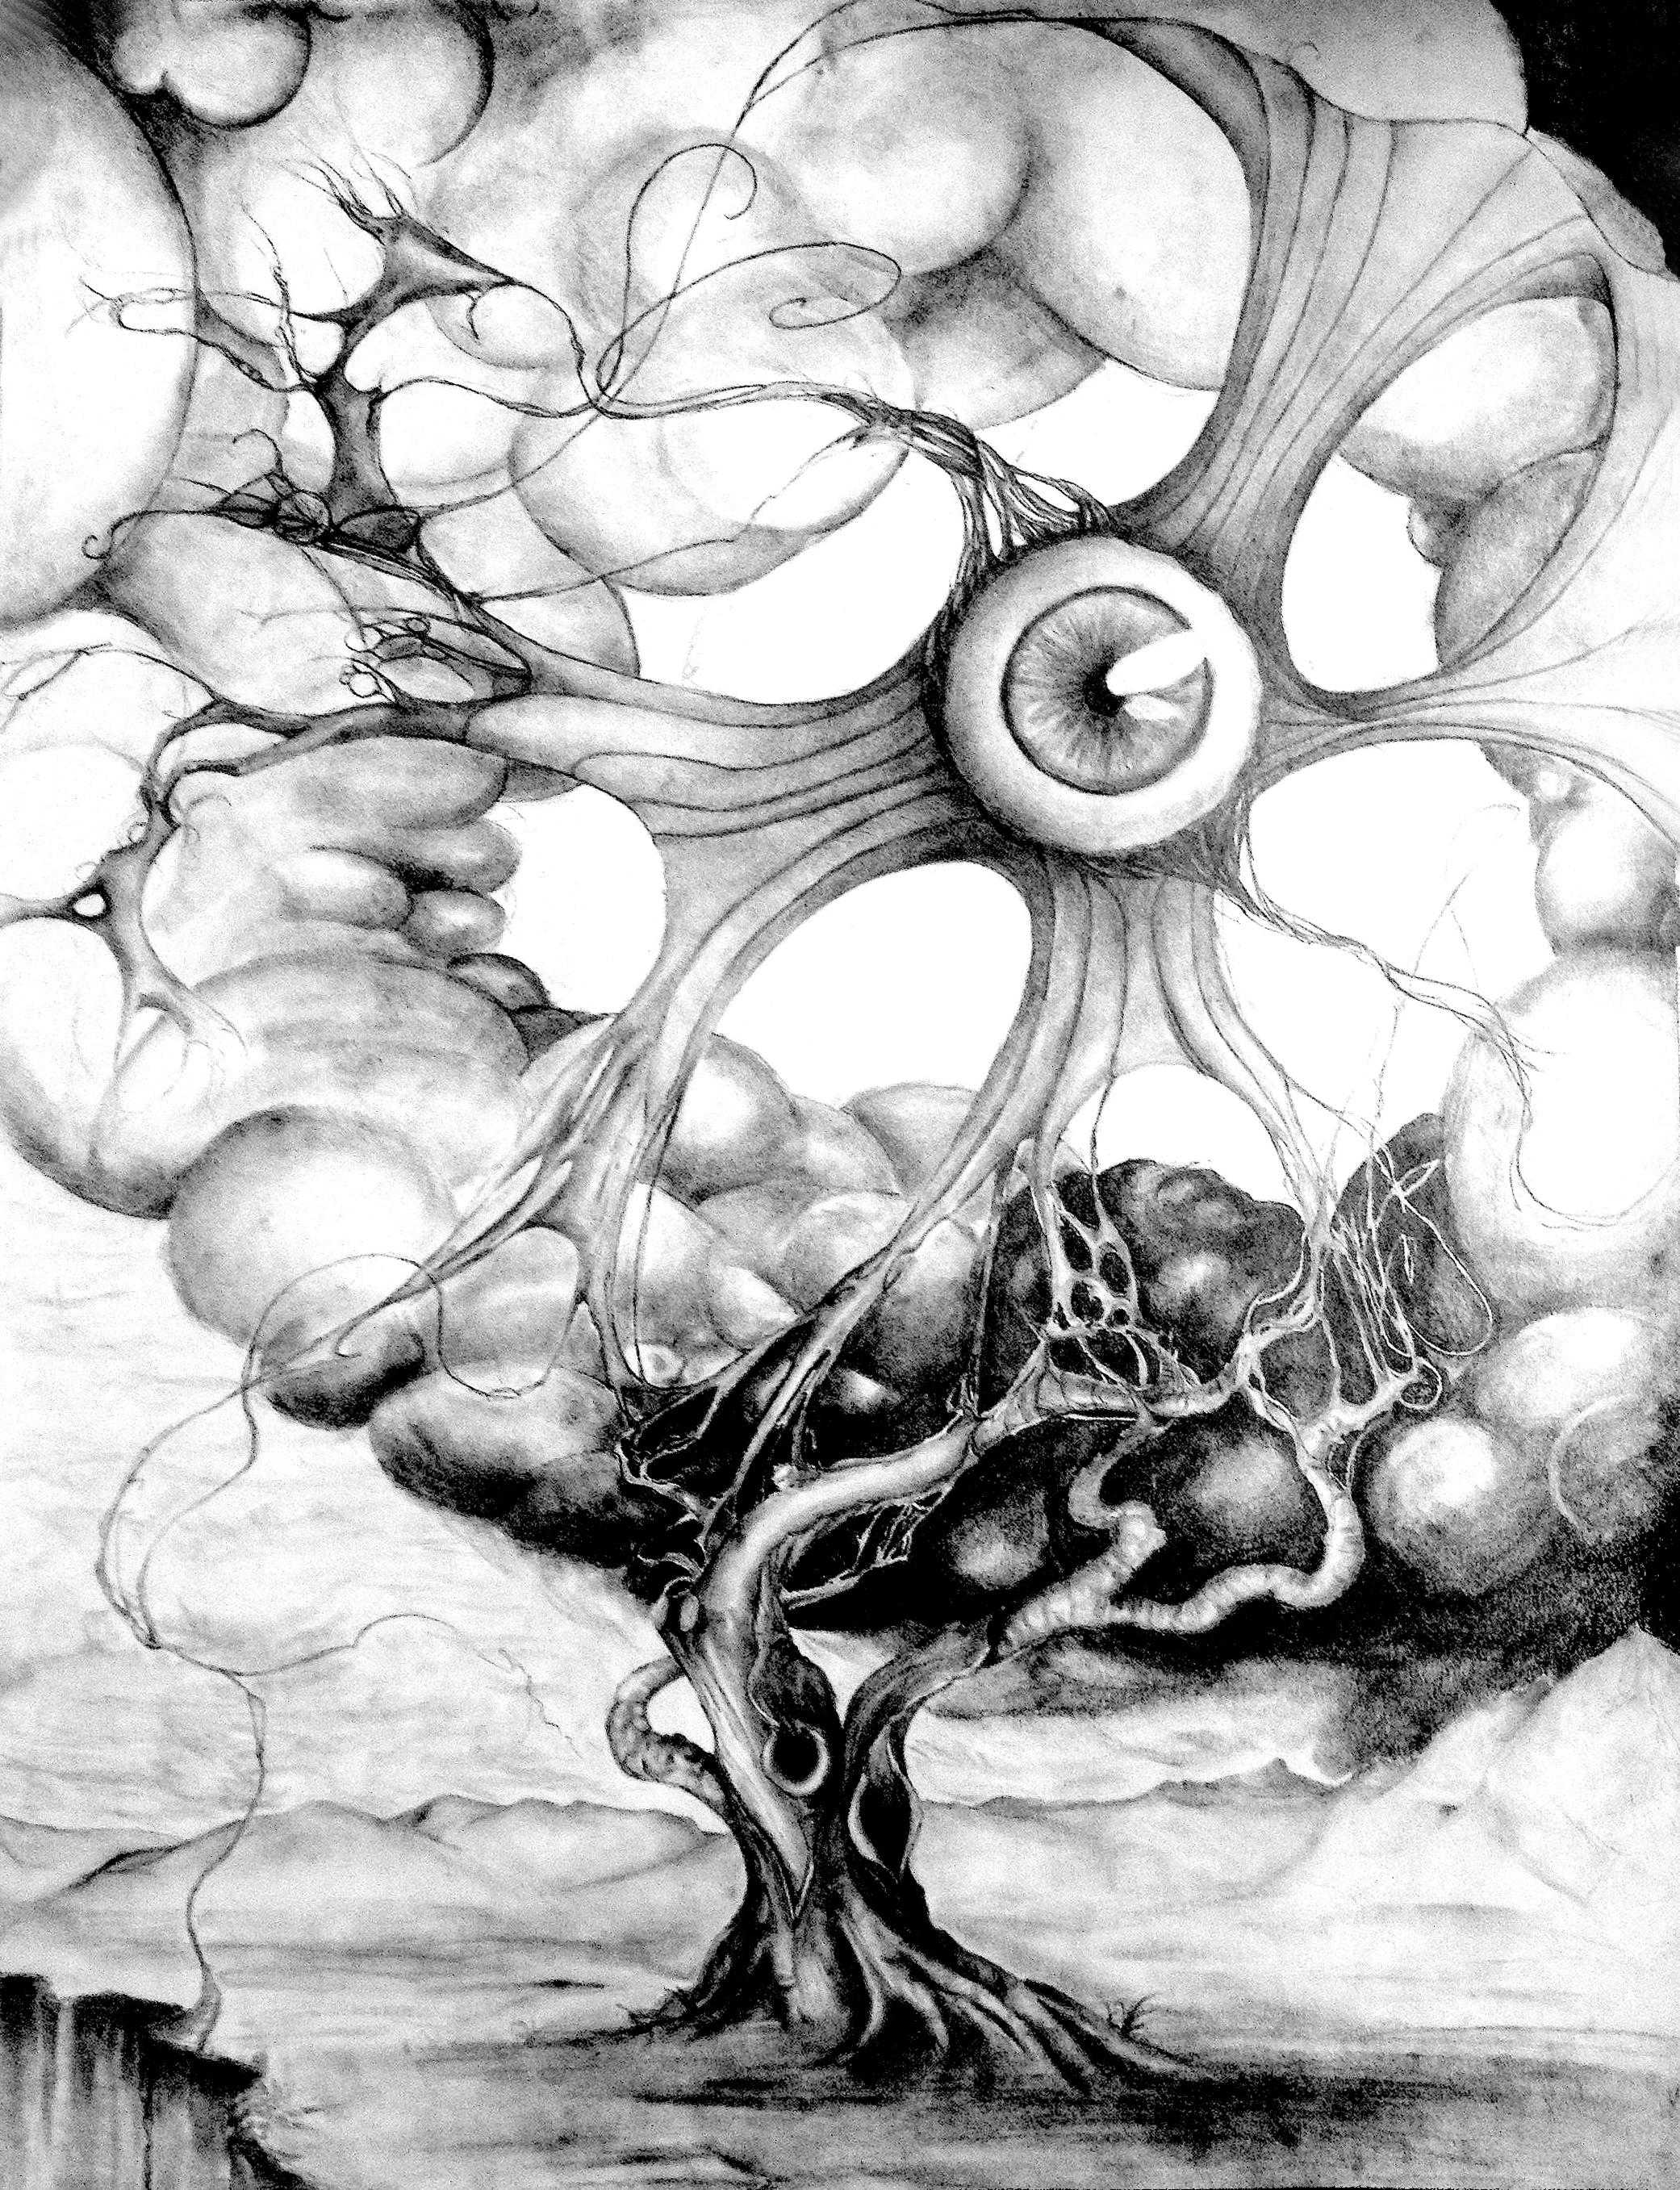 [Image: dreamscape_iv_by_zemie-d74nelm.jpg]